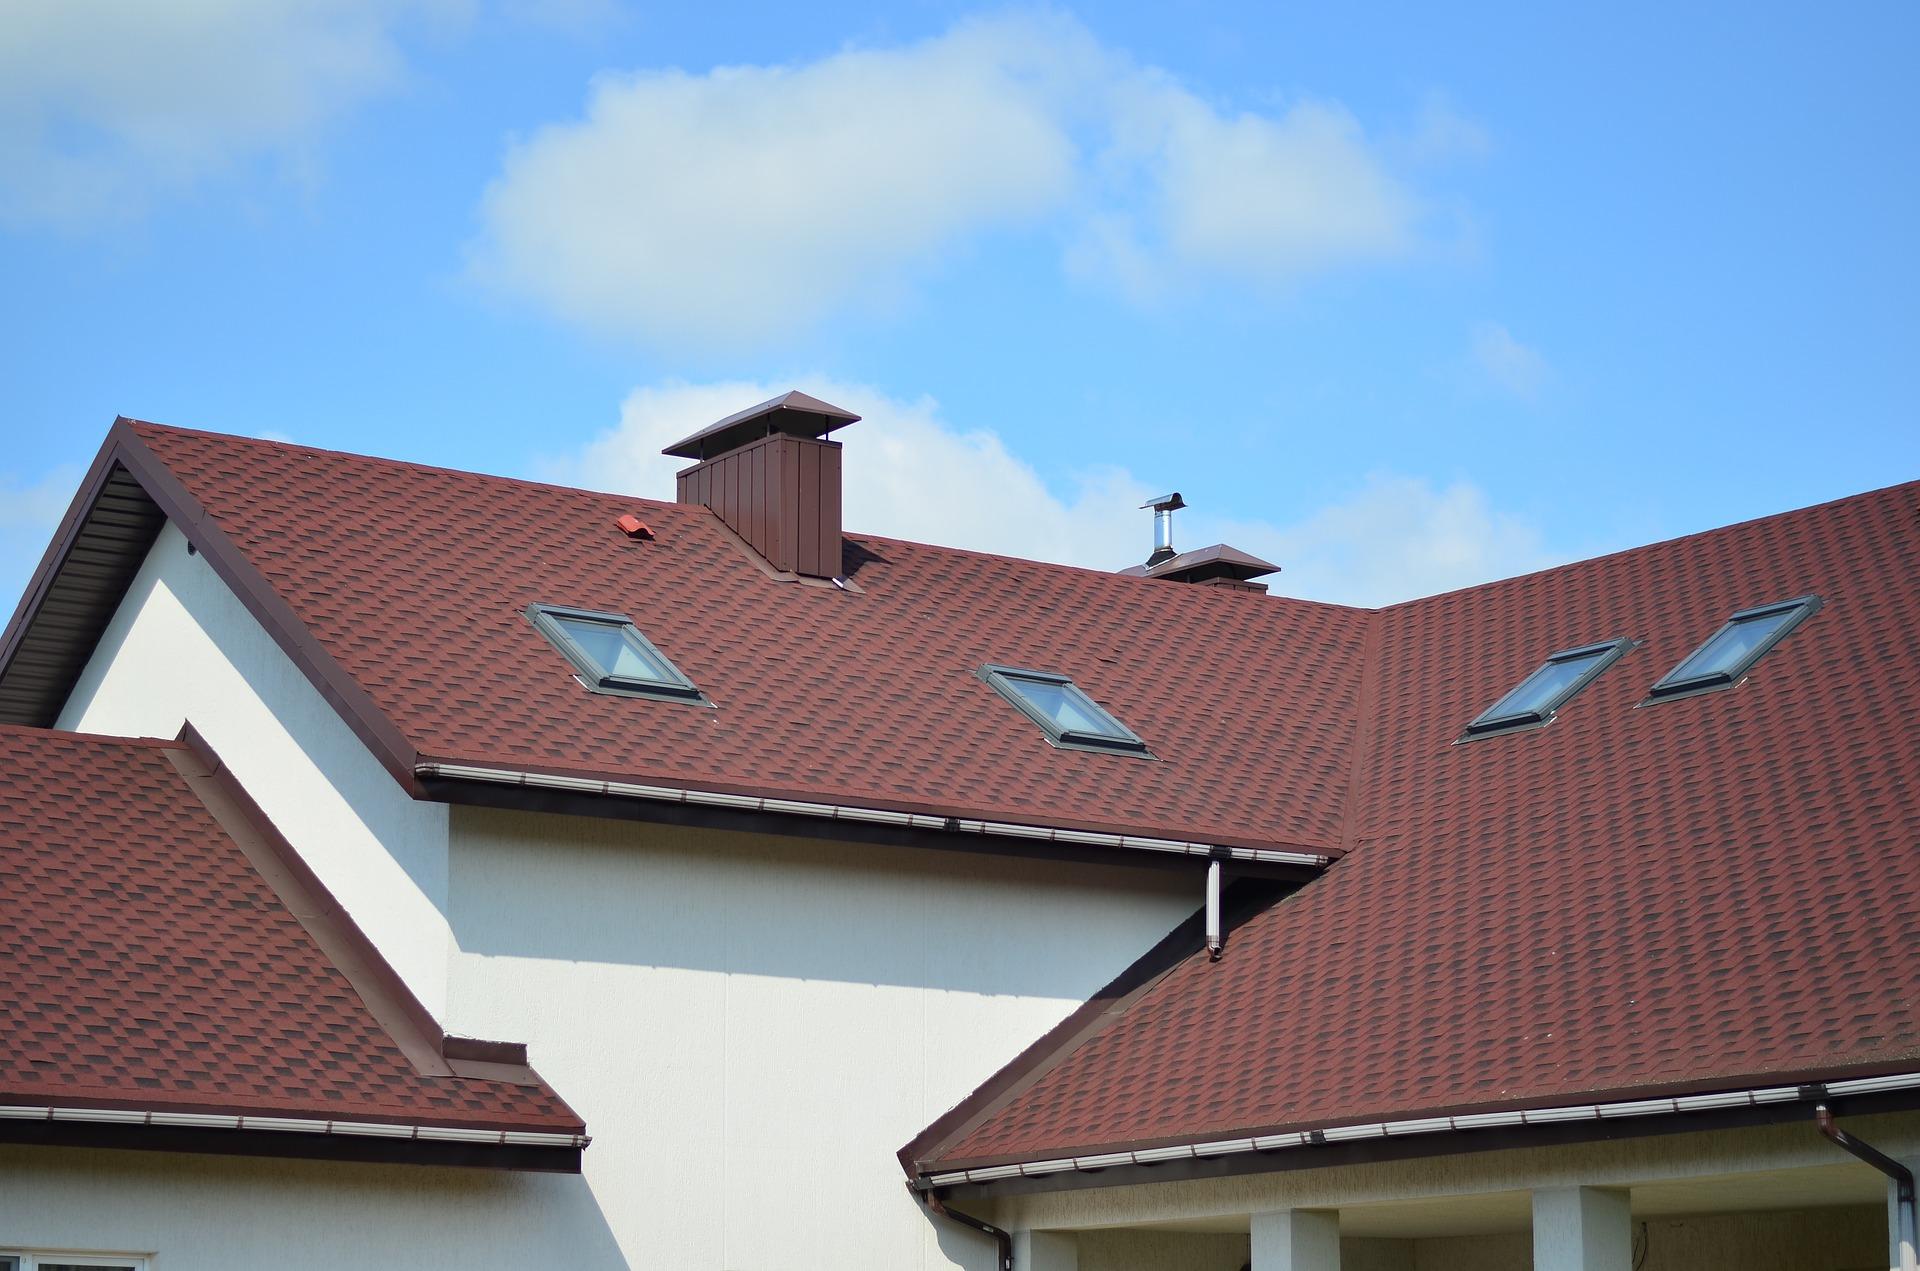 Ausschnitt eines Roten Satteldaches